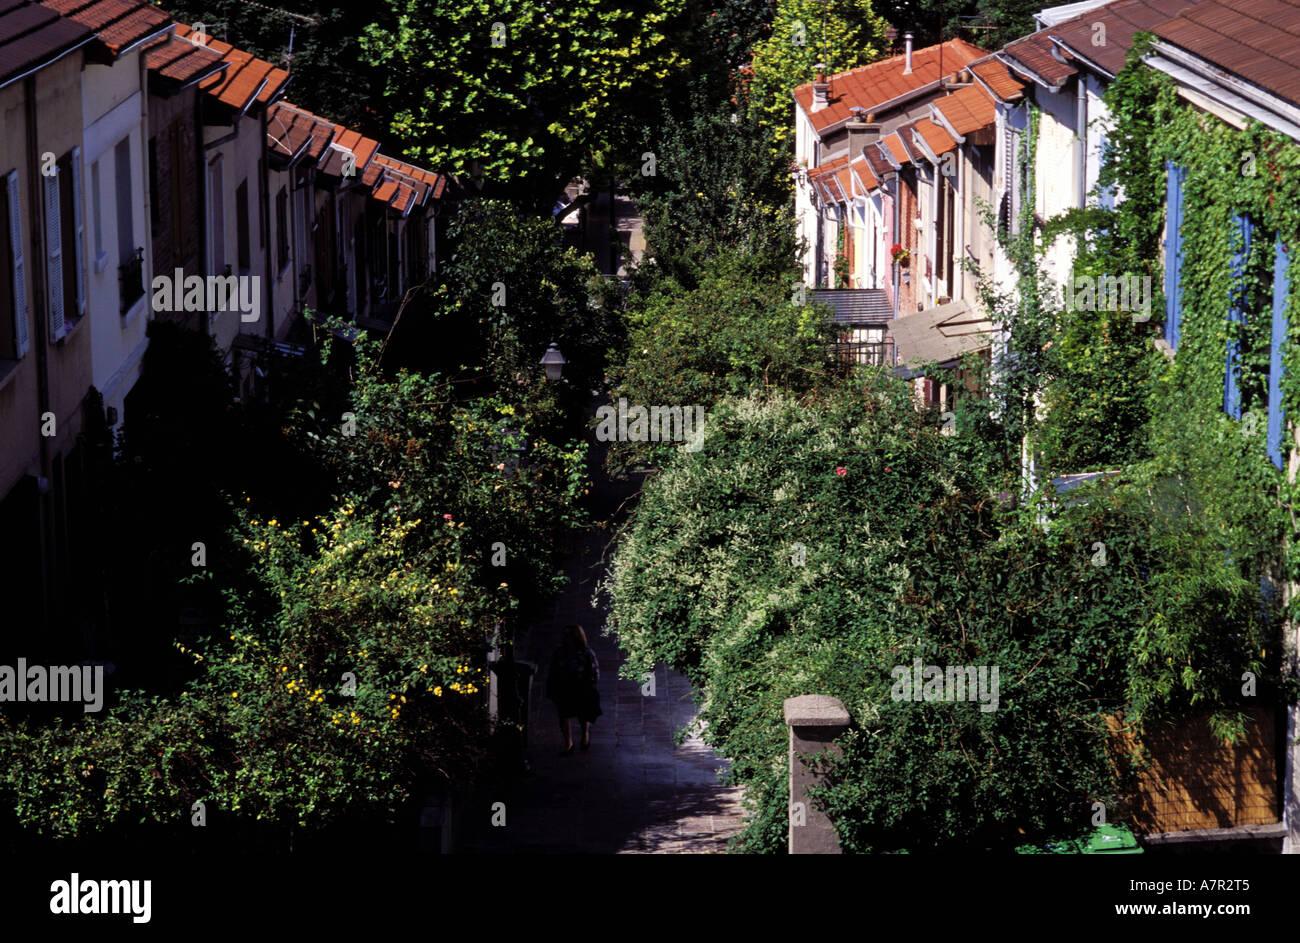 France paris la campagne a paris houses with garden in - La campagne a paris ...